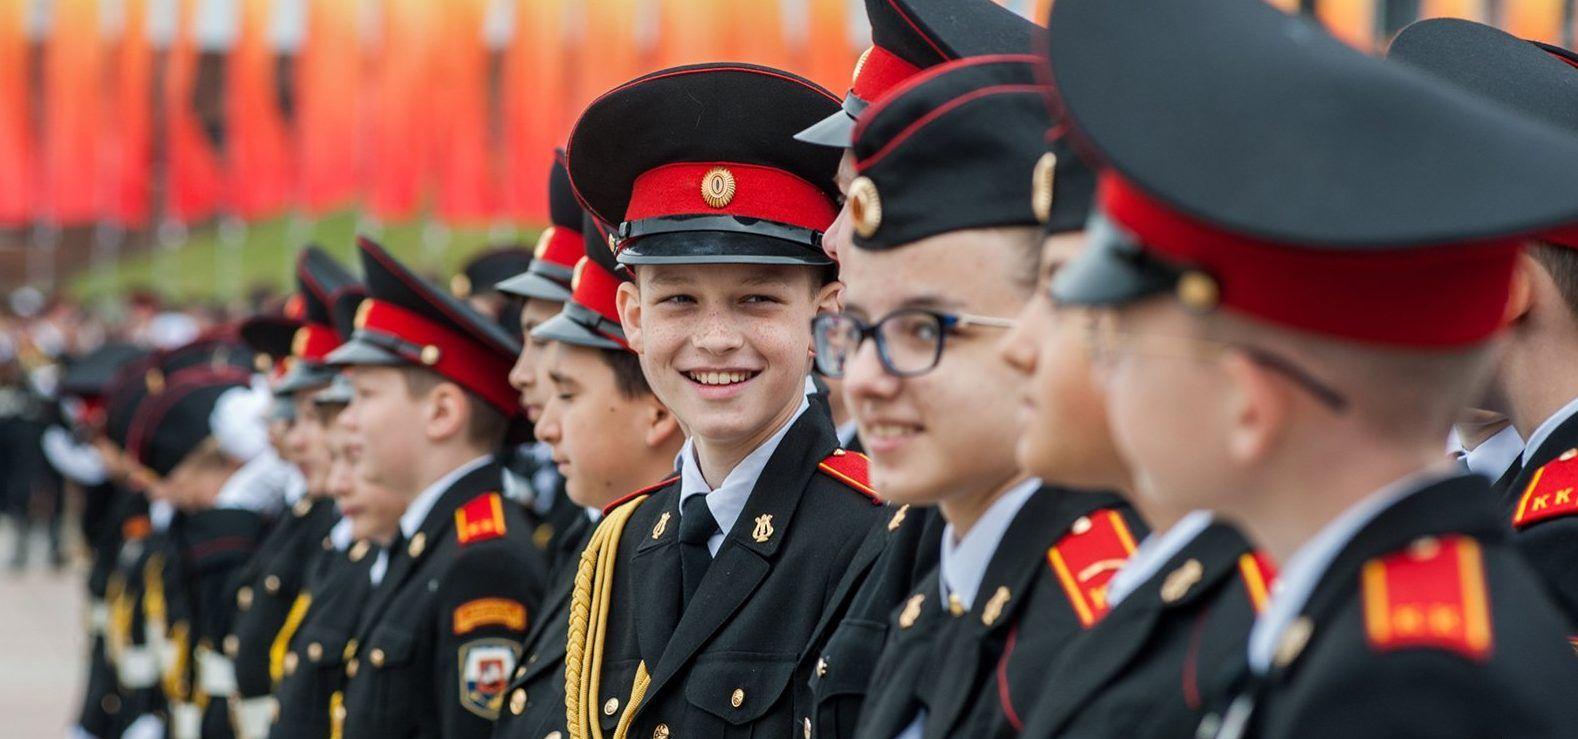 В преддверии 75-летия Победы весной 2020 года во всех школах страны проведут «Уроки мужества». Фото: сайт мэра Москвы